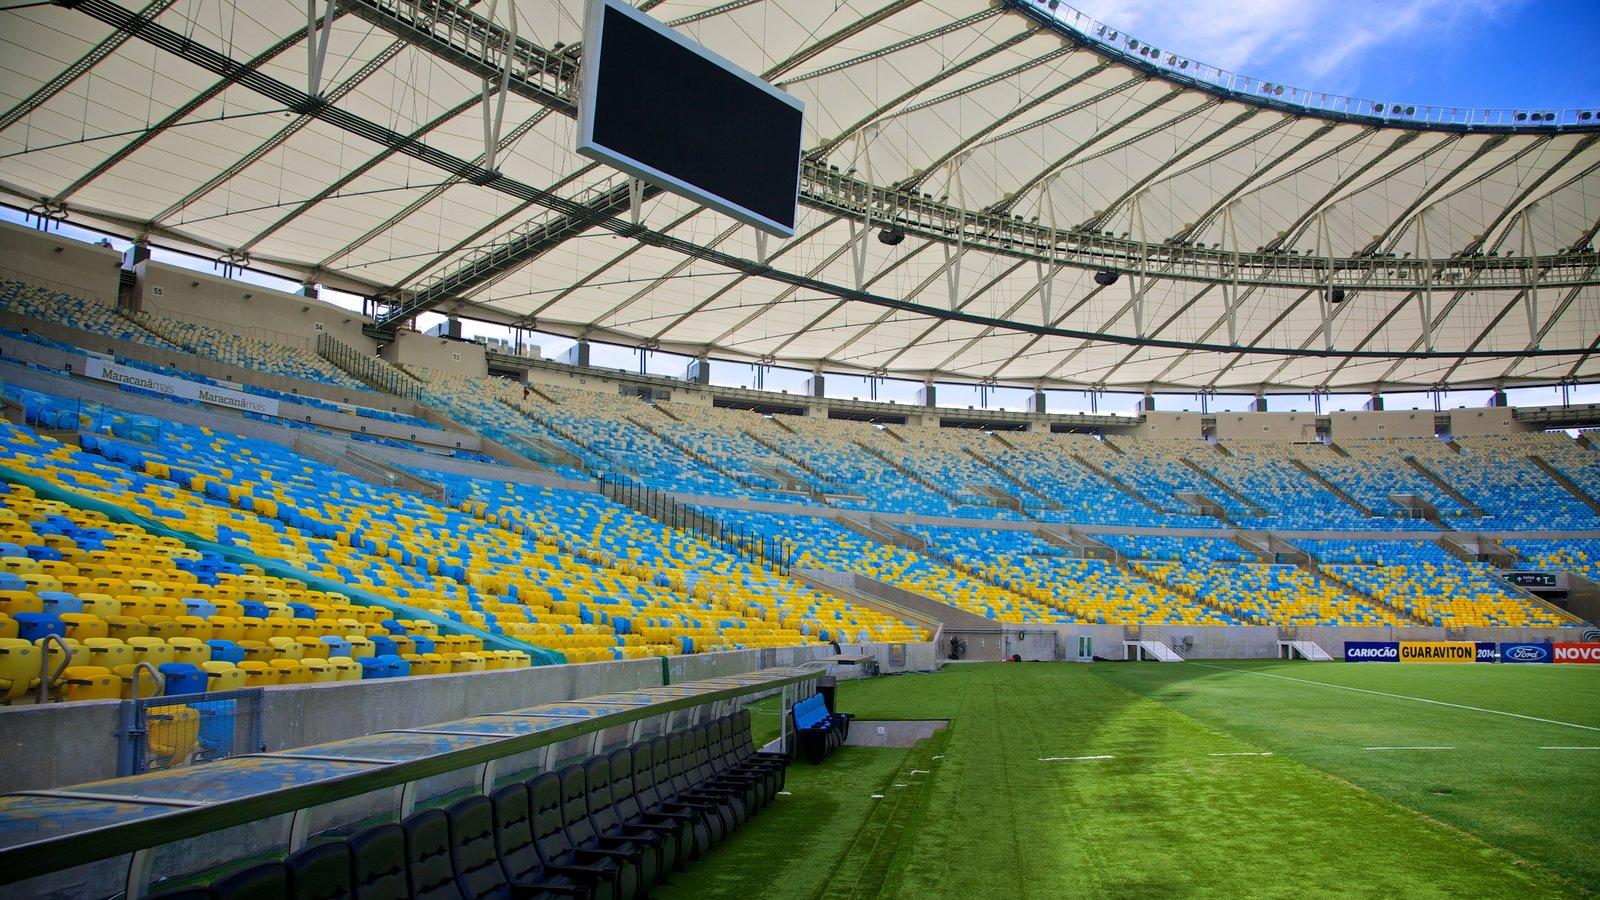 Estádio Mário Filho que inclui arquitetura moderna e vistas internas